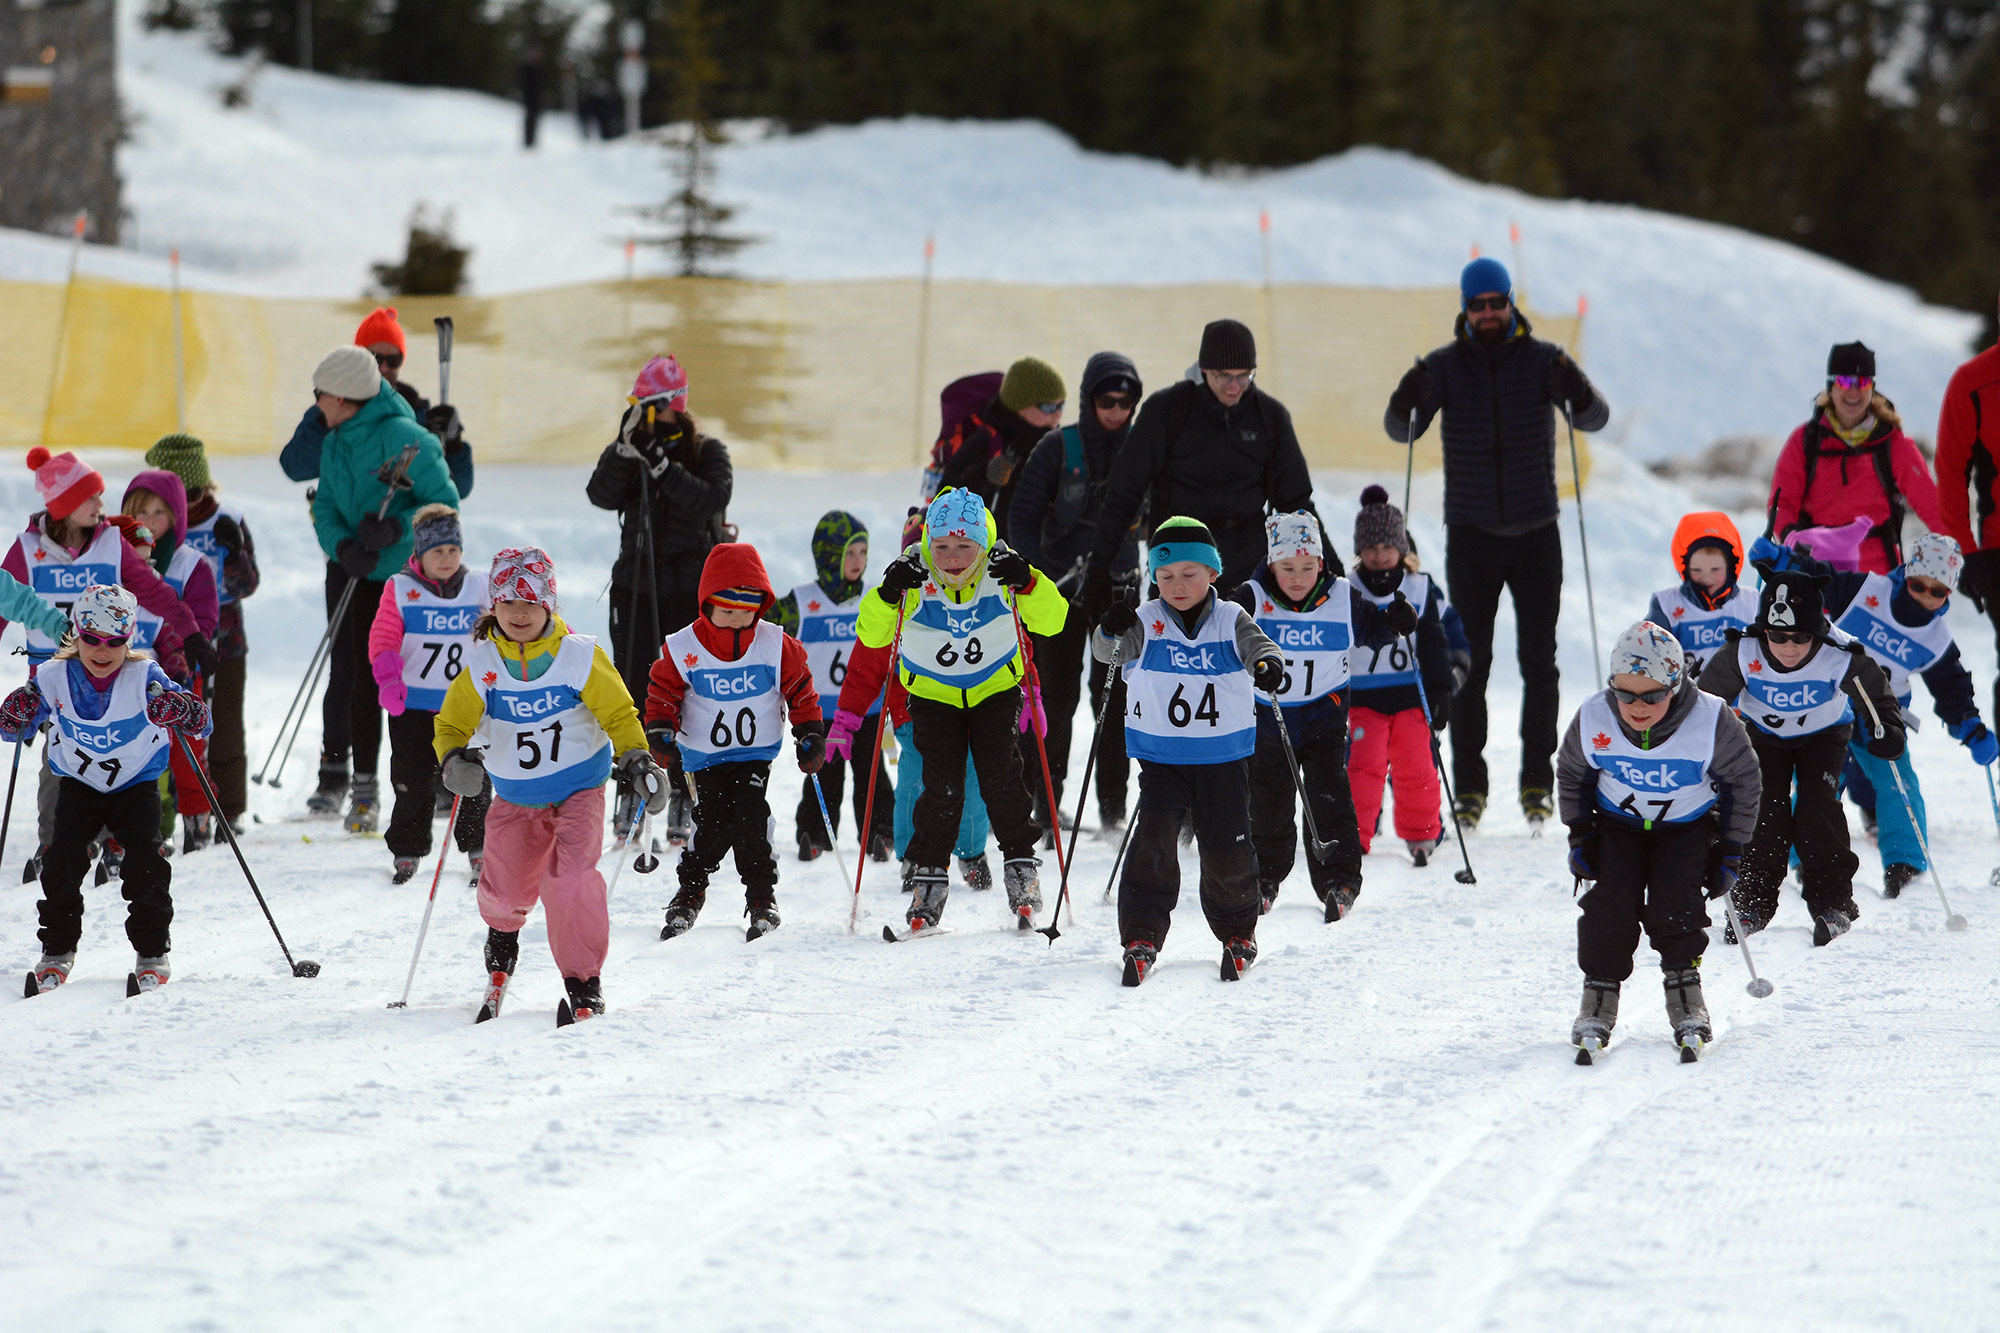 race-kids.jpg